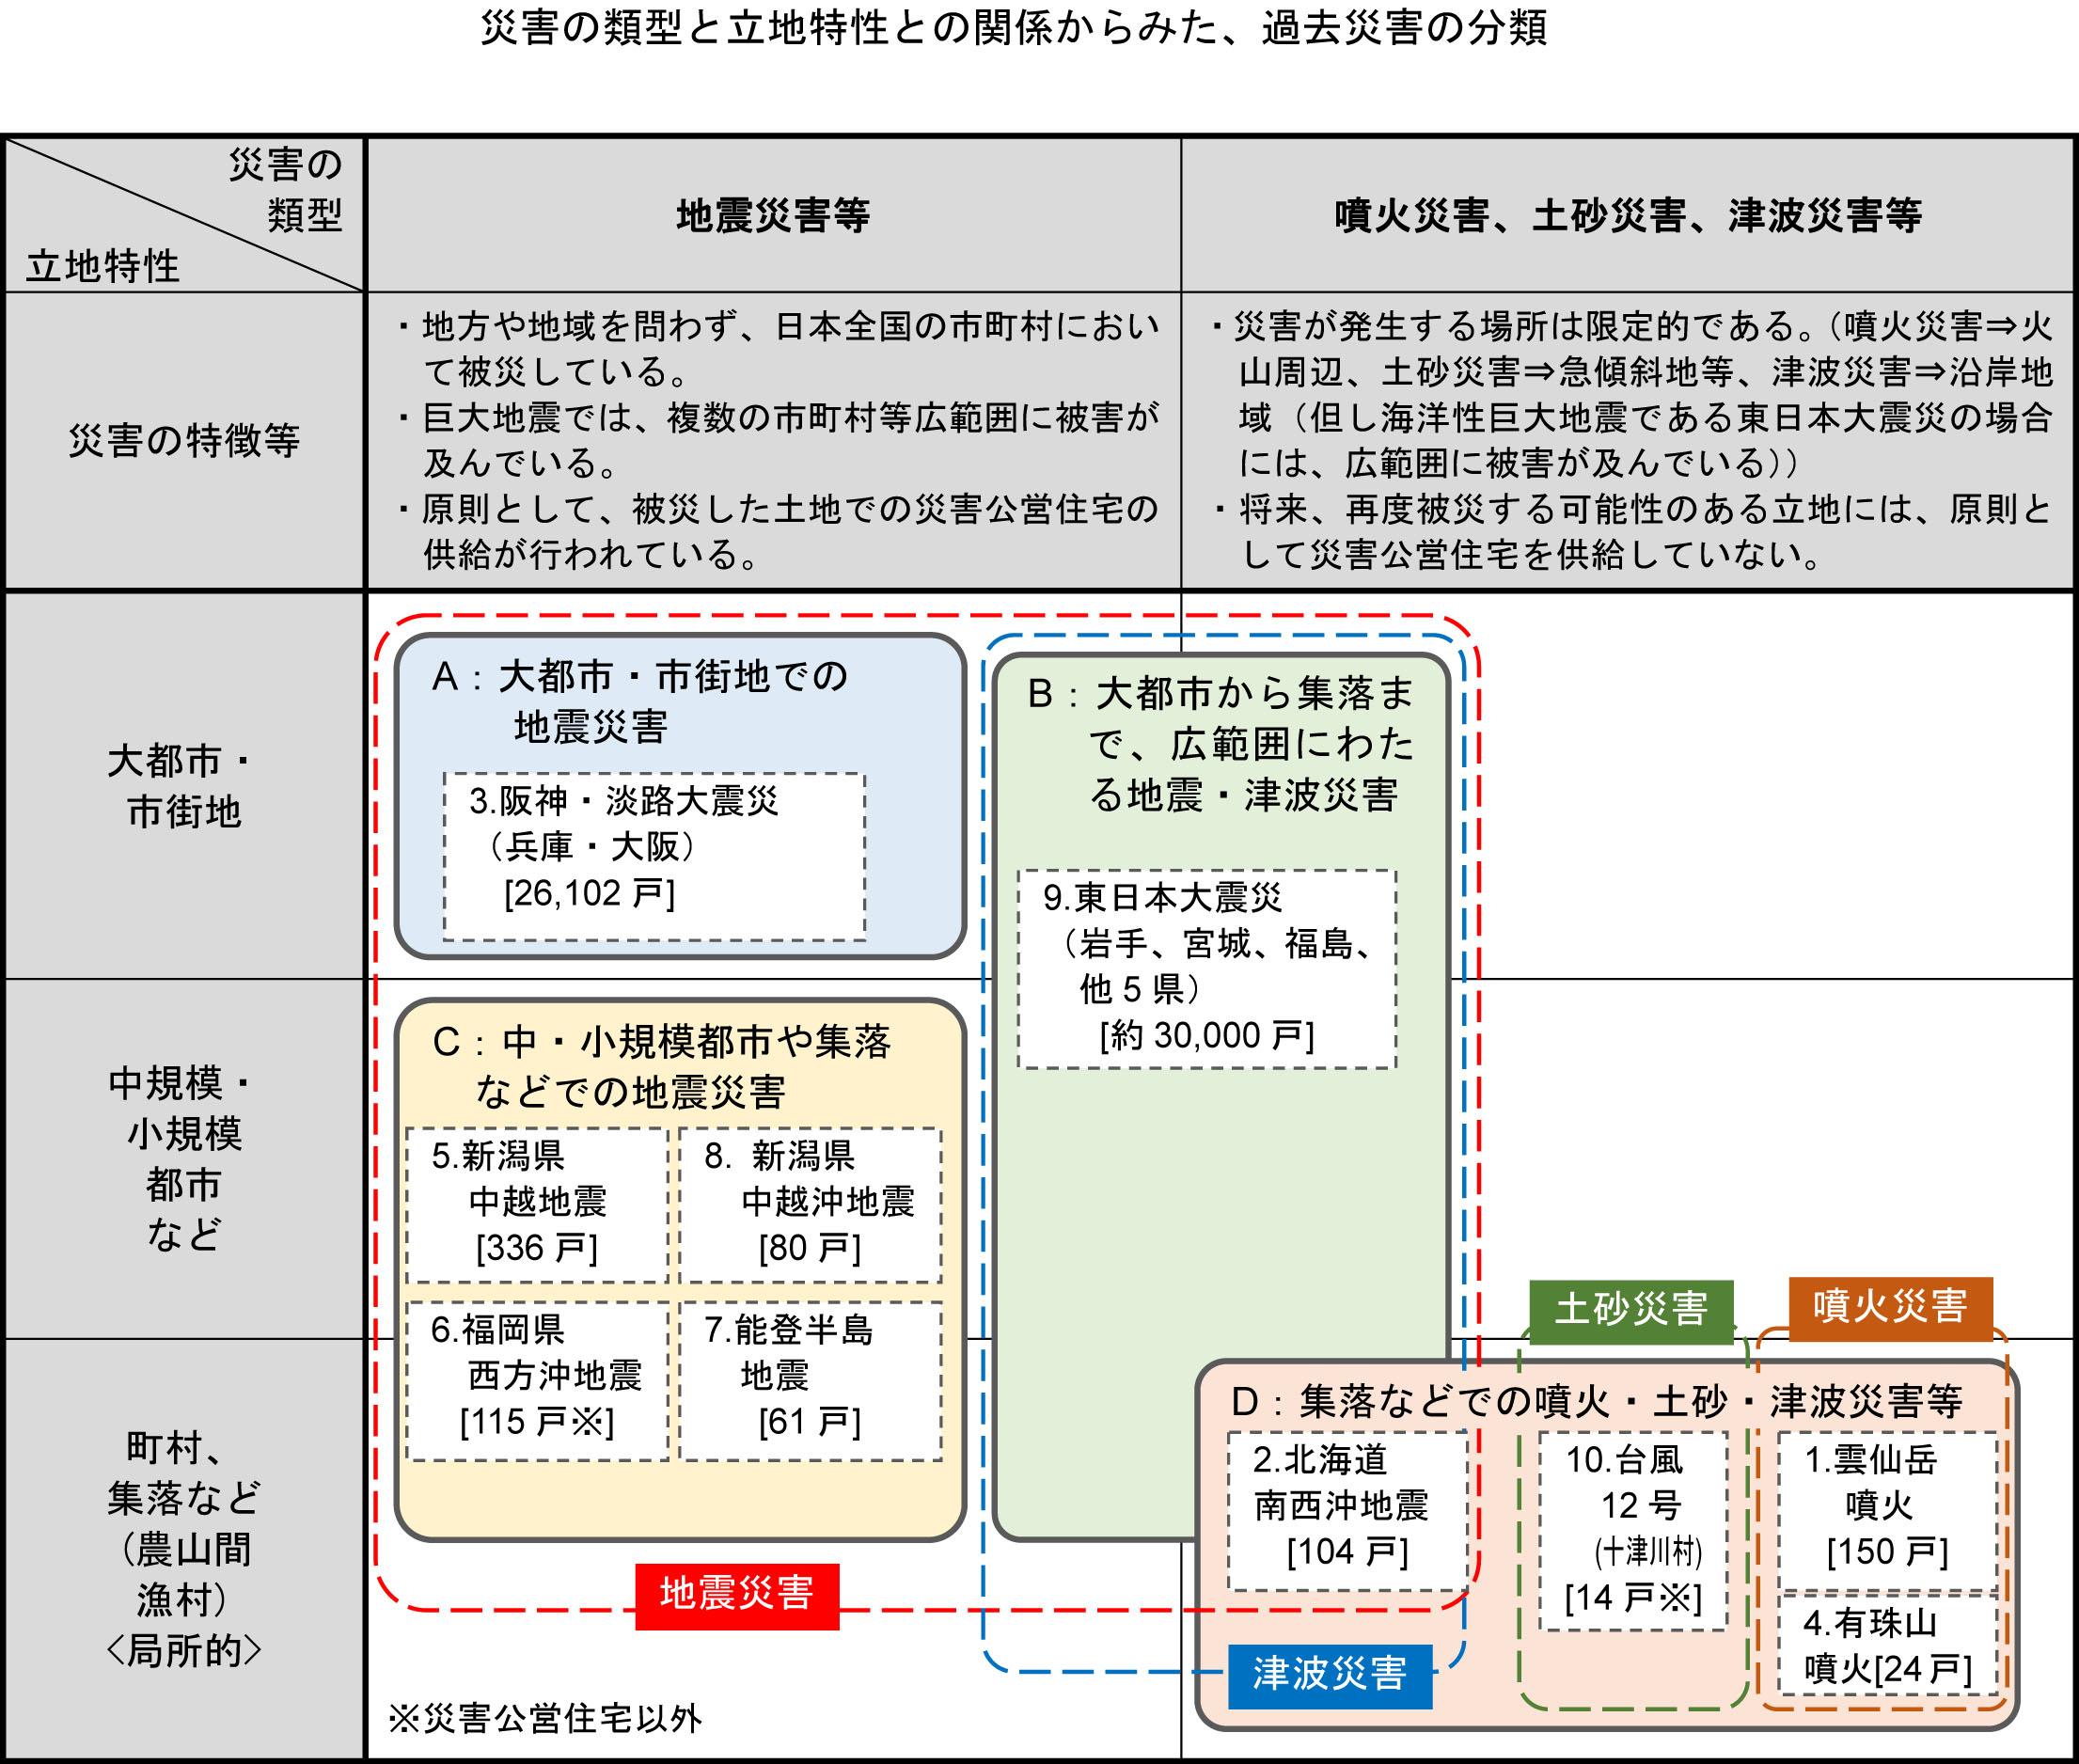 大規模災害時における災害公営住宅等の円滑な供給方策の調査検討